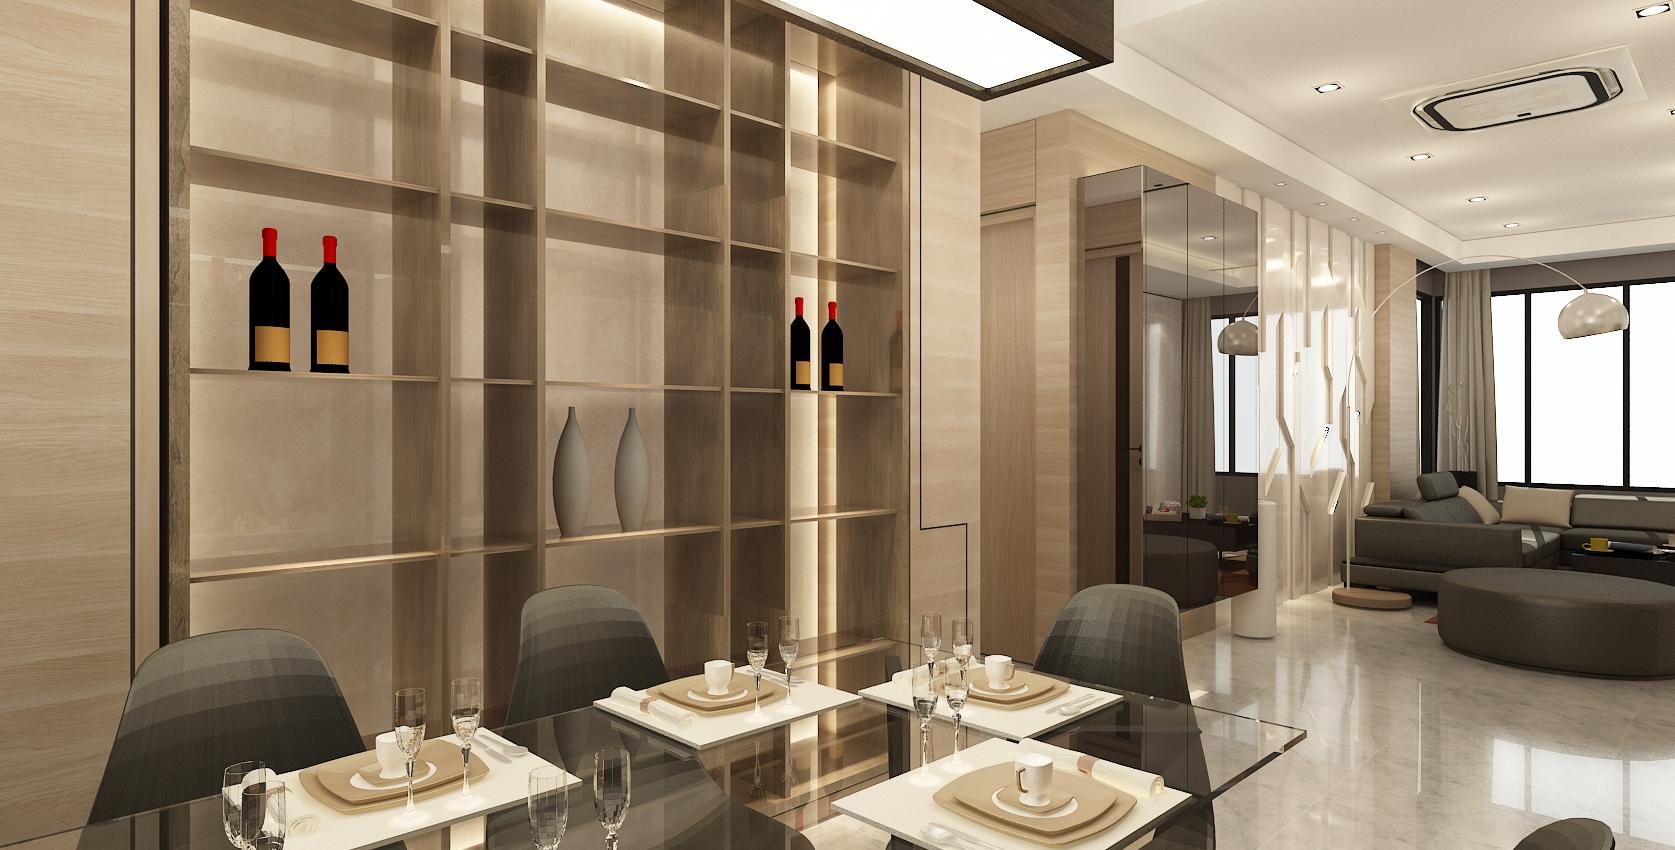 Condominium Design, FuQing China